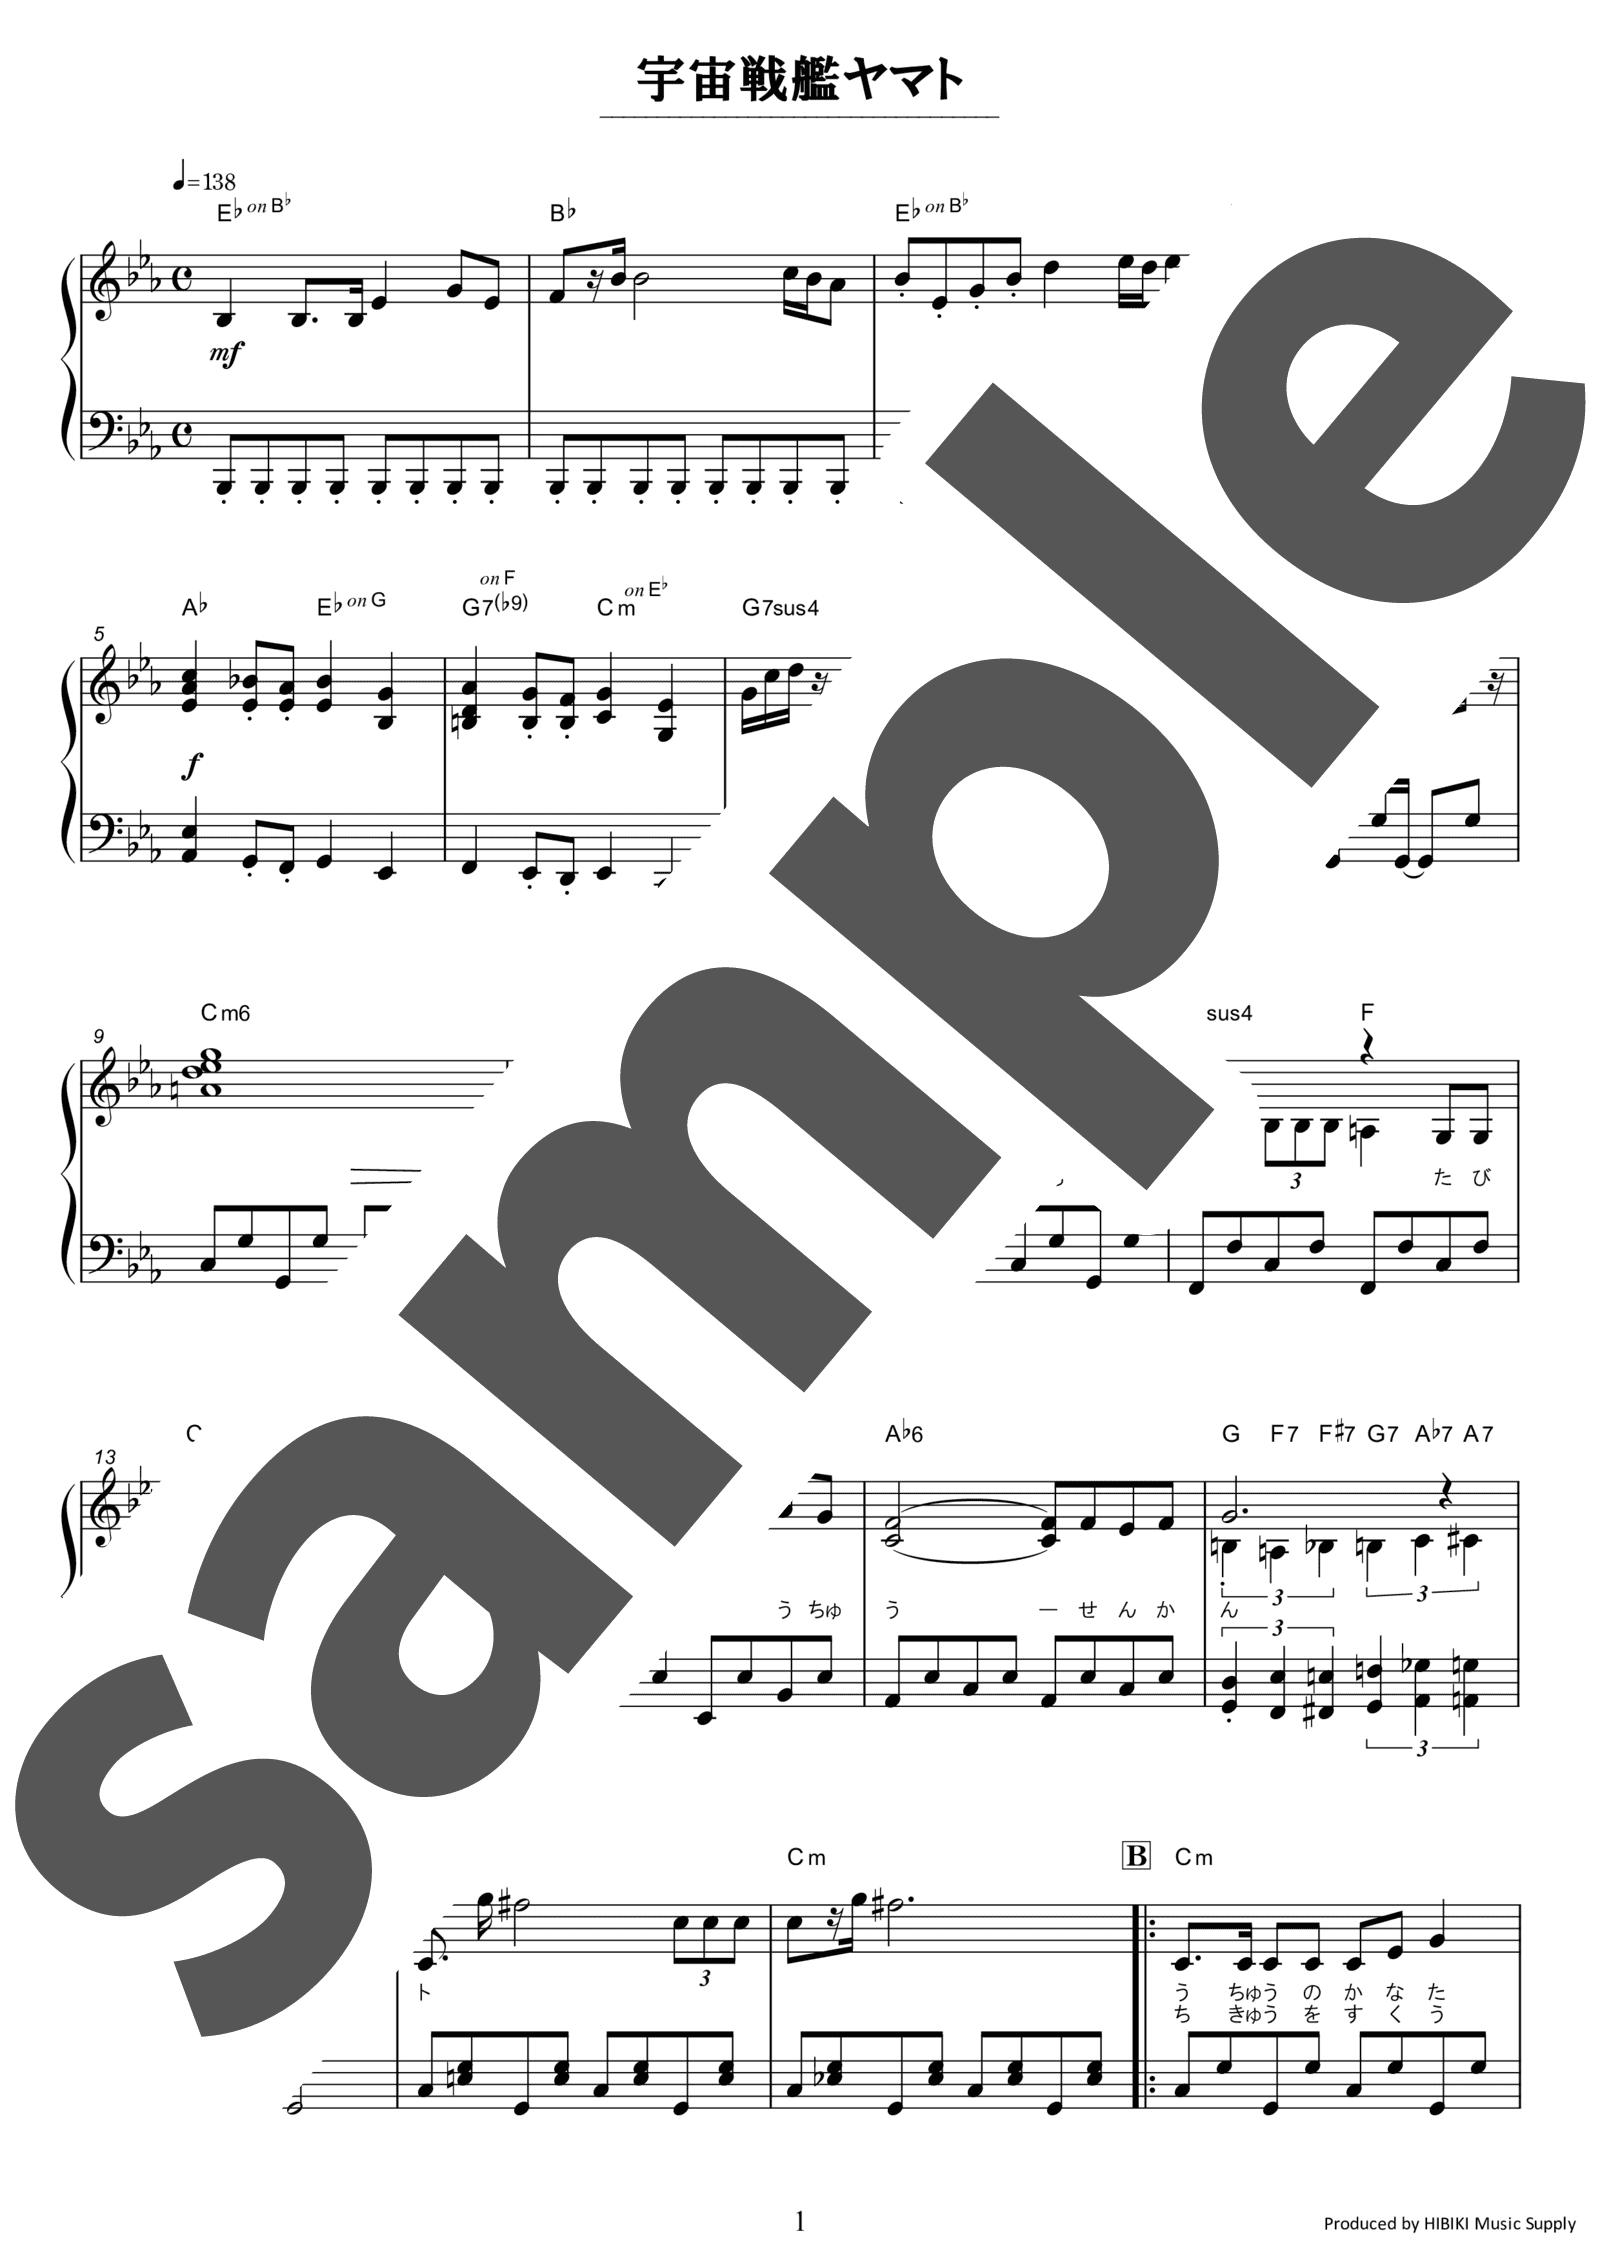 「宇宙戦艦ヤマト」のサンプル楽譜